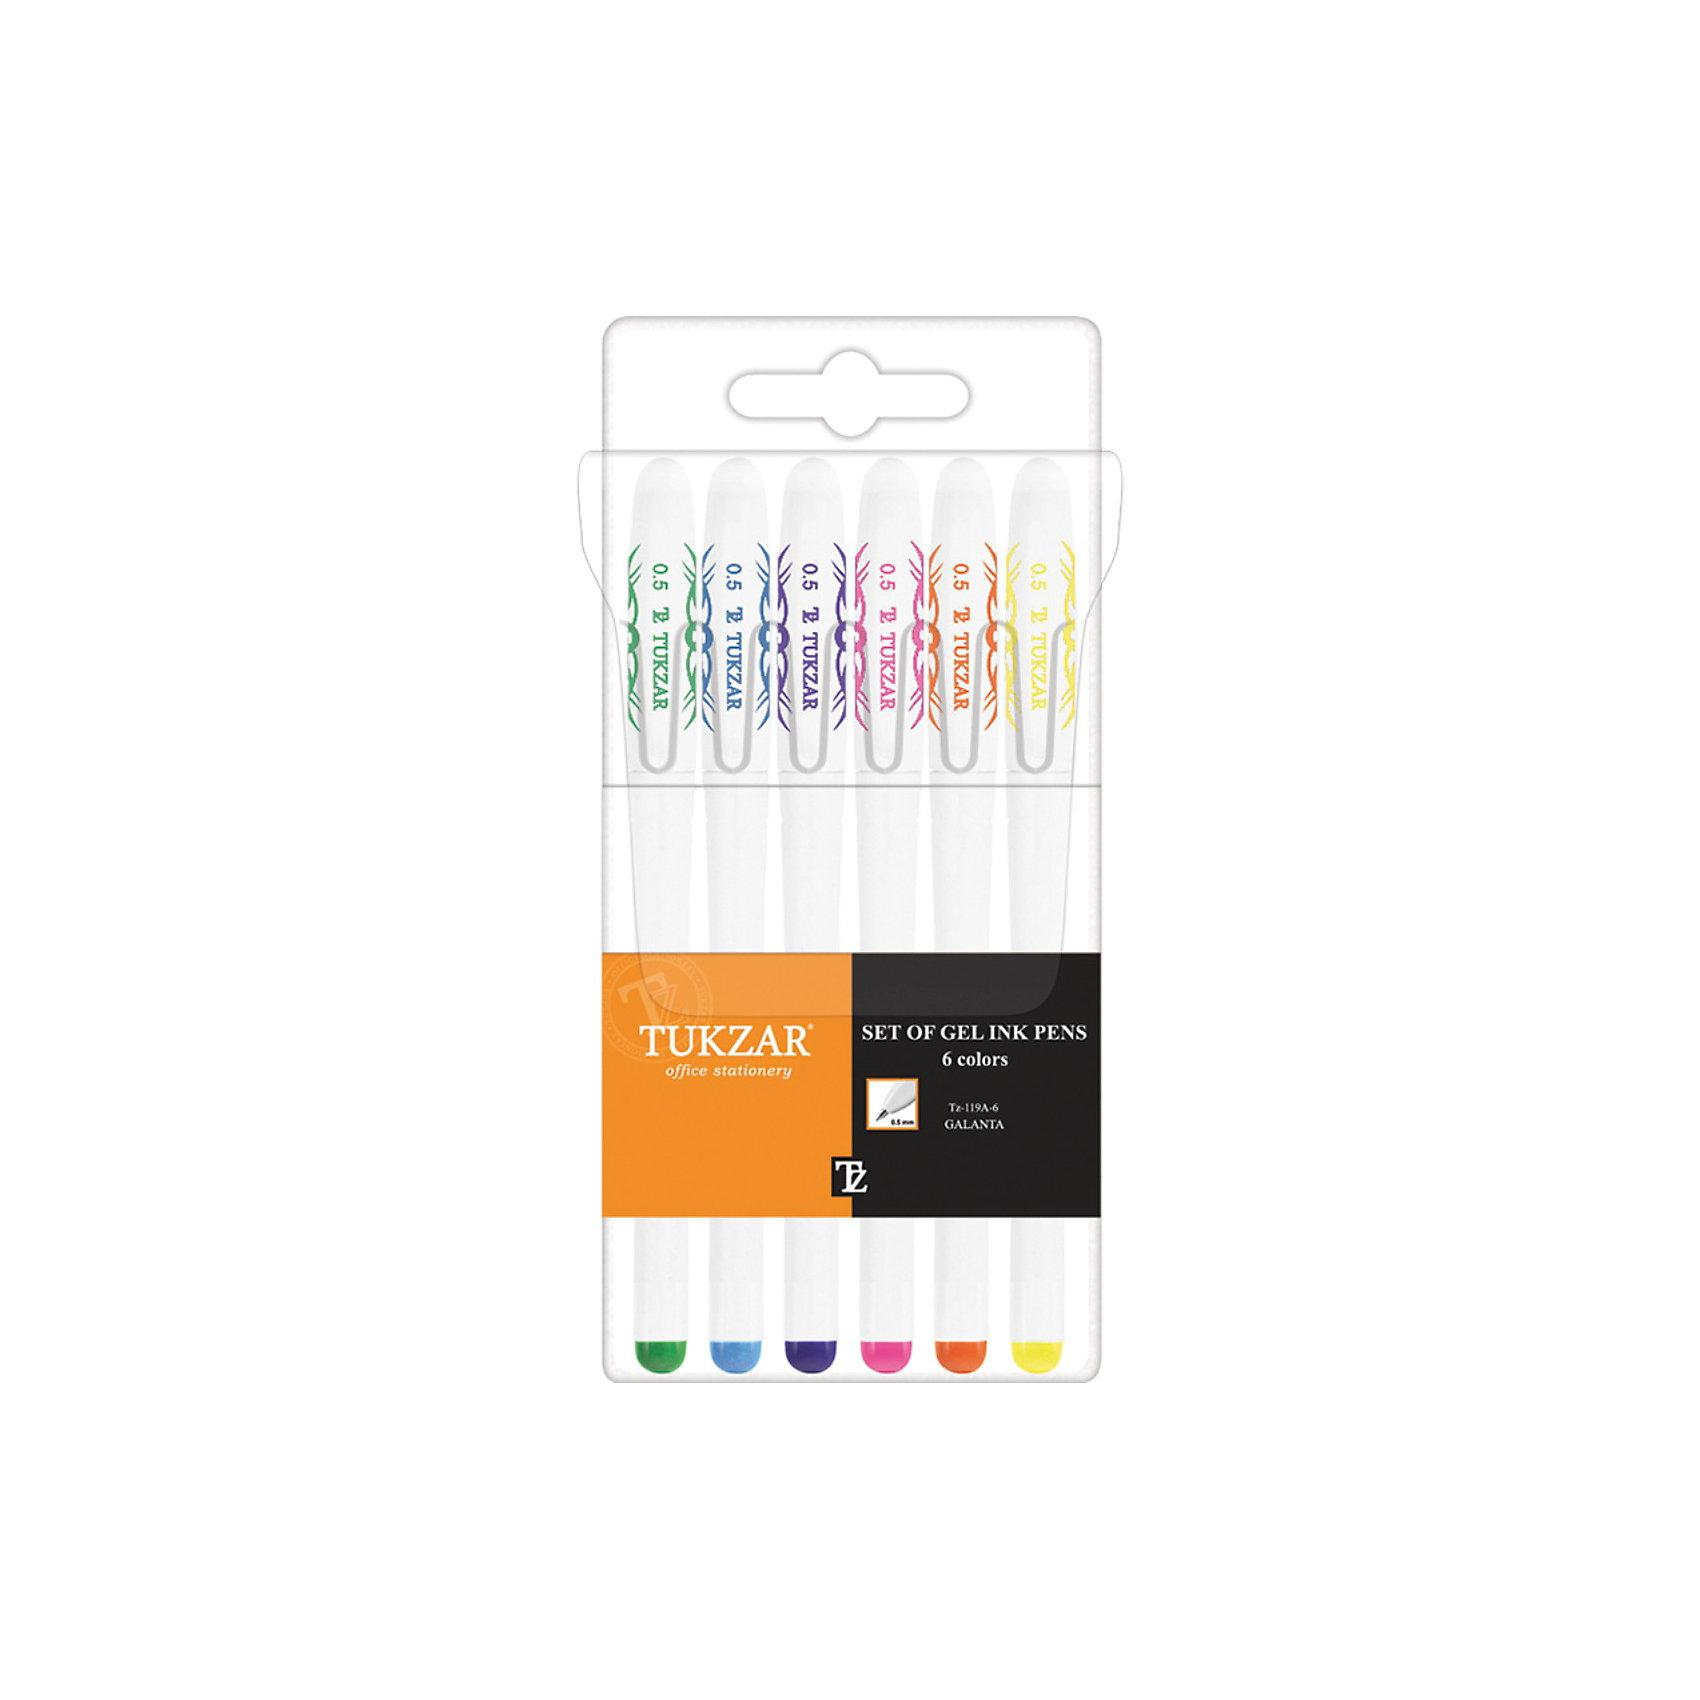 TUKZAR Набор гелевых ручек: 6  цветов, флуоресцентныеНабор гелевых ручек: Белый пластиковый корпус; рельефный цветной резиновый держатель (цвет соответствует цвету чернил); колпачок с клипом; толщина пишущего наконечника - 0,5 мм; 6 цветов, в прозрачной упаковке с европодвесом<br><br>Ширина мм: 175<br>Глубина мм: 79<br>Высота мм: 15<br>Вес г: 75<br>Возраст от месяцев: 36<br>Возраст до месяцев: 1188<br>Пол: Унисекс<br>Возраст: Детский<br>SKU: 3098110